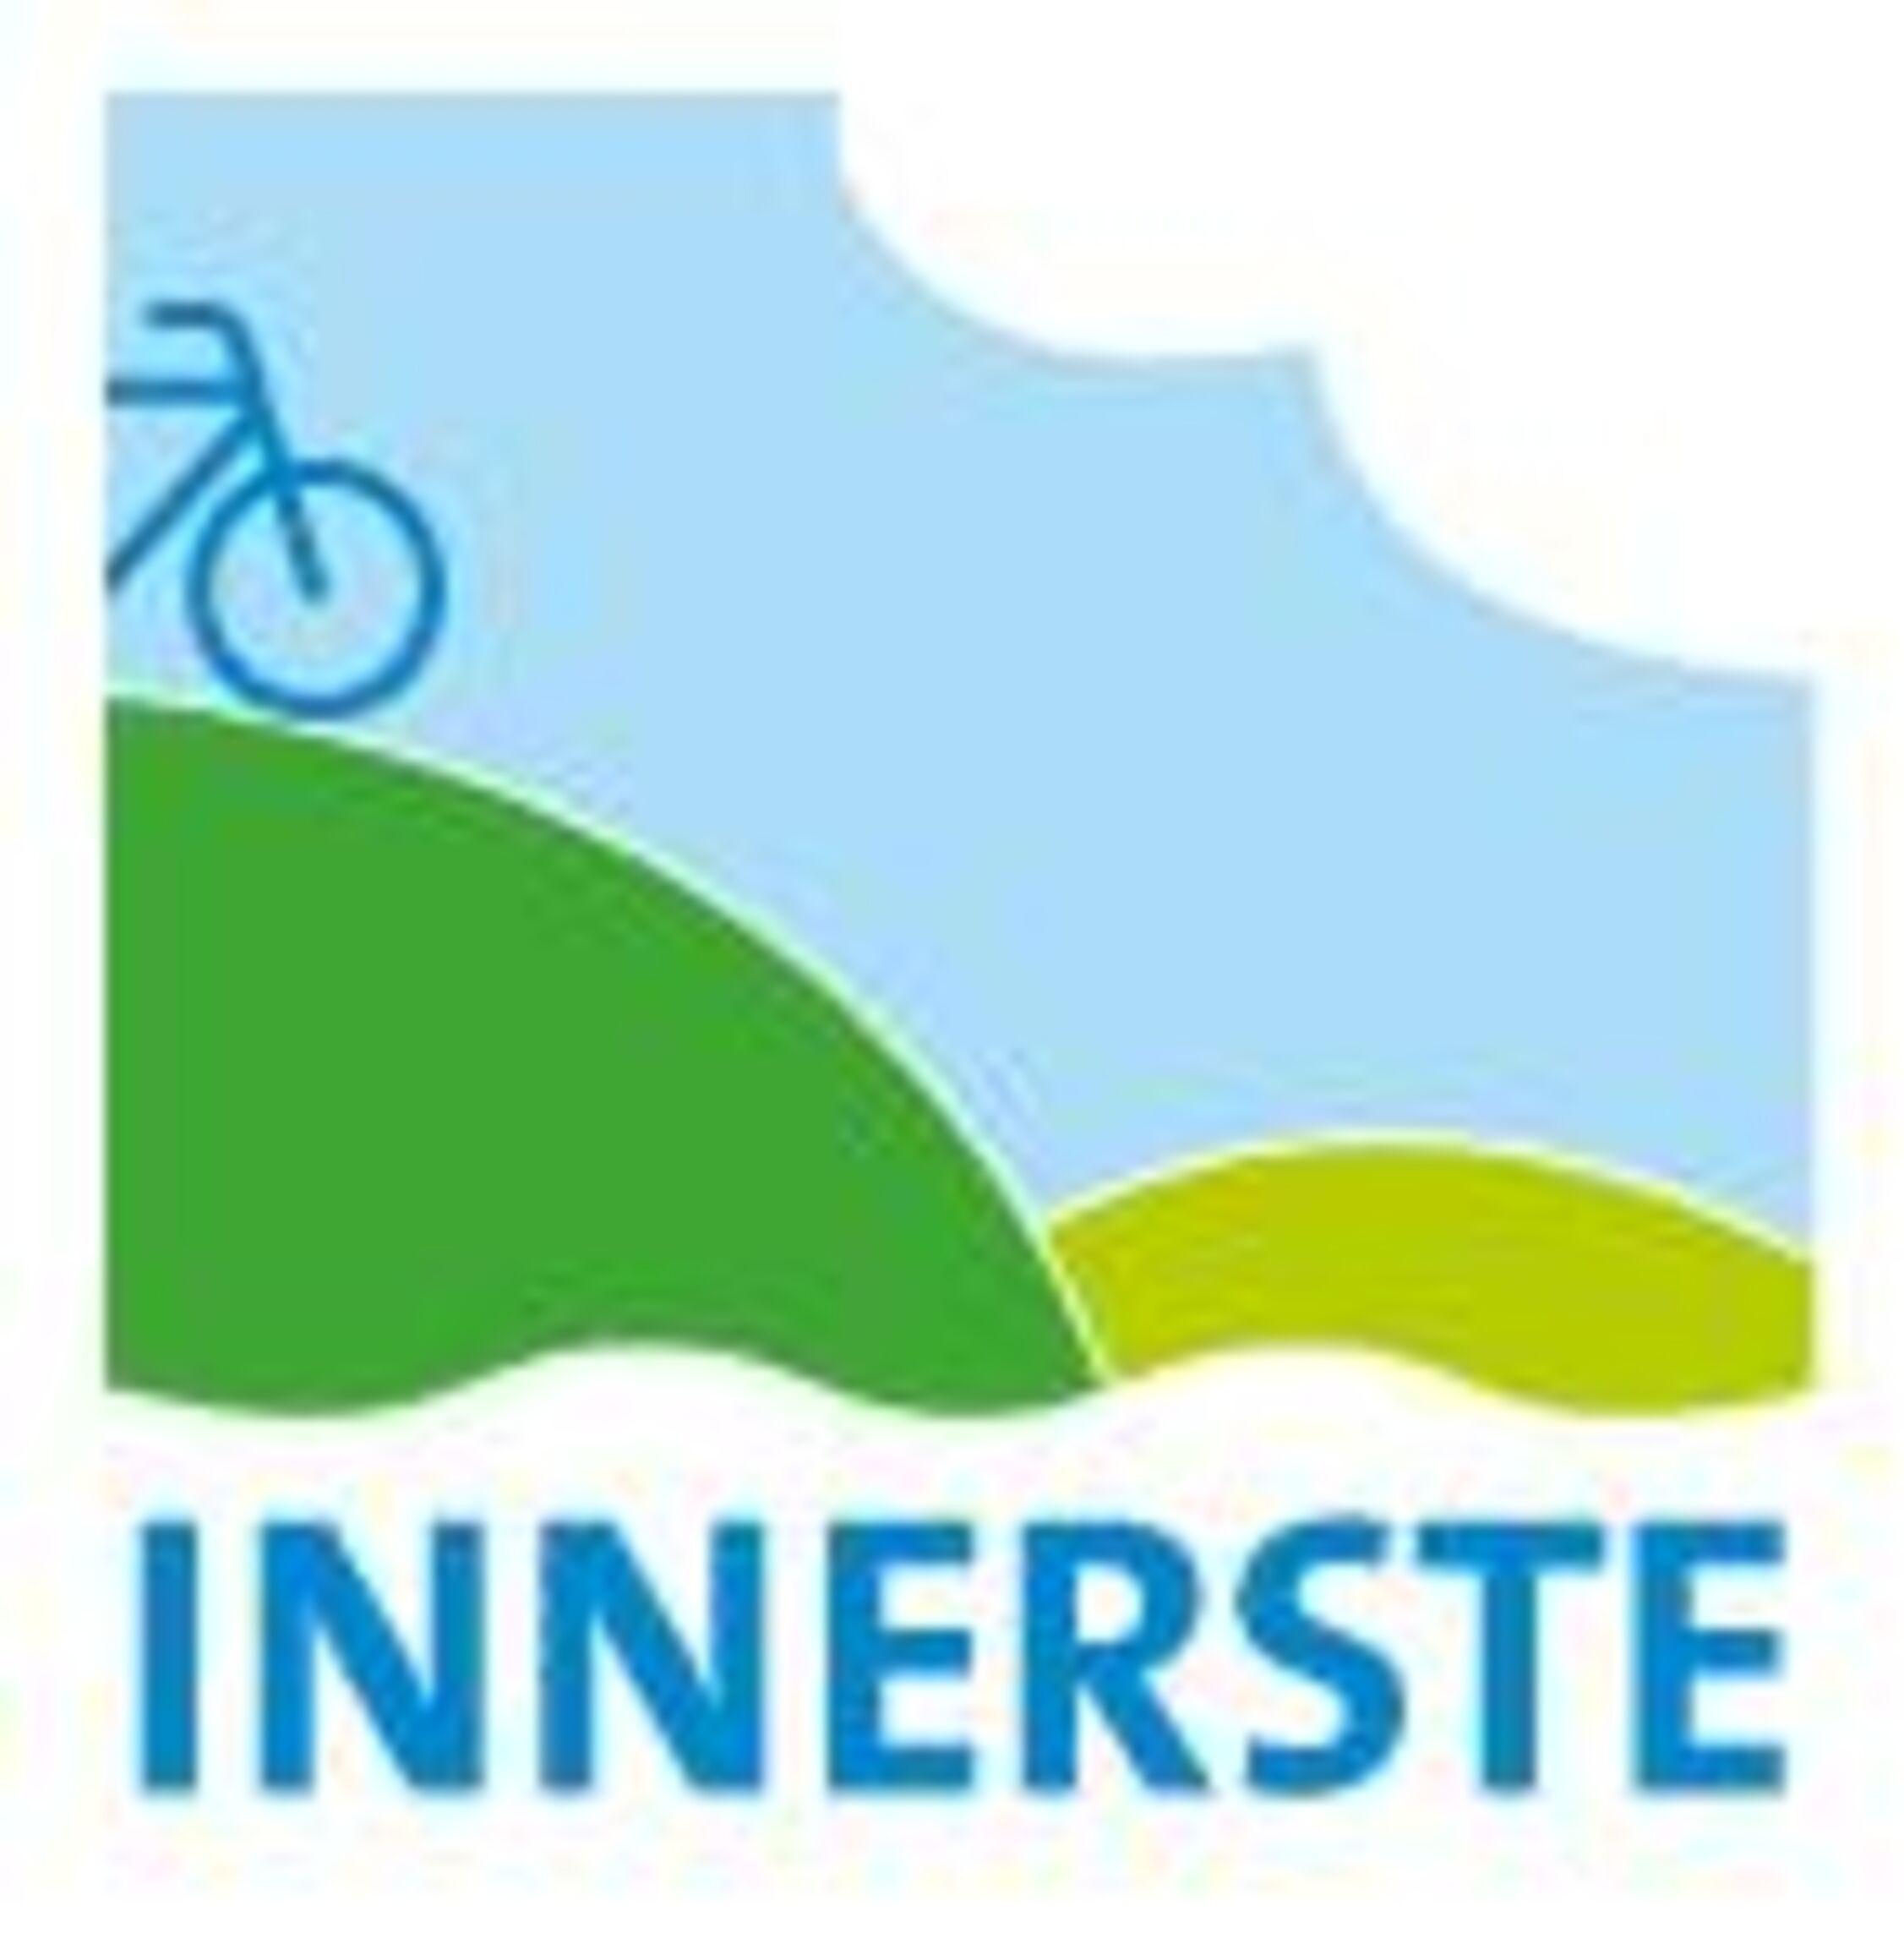 logo_innerste_radweg